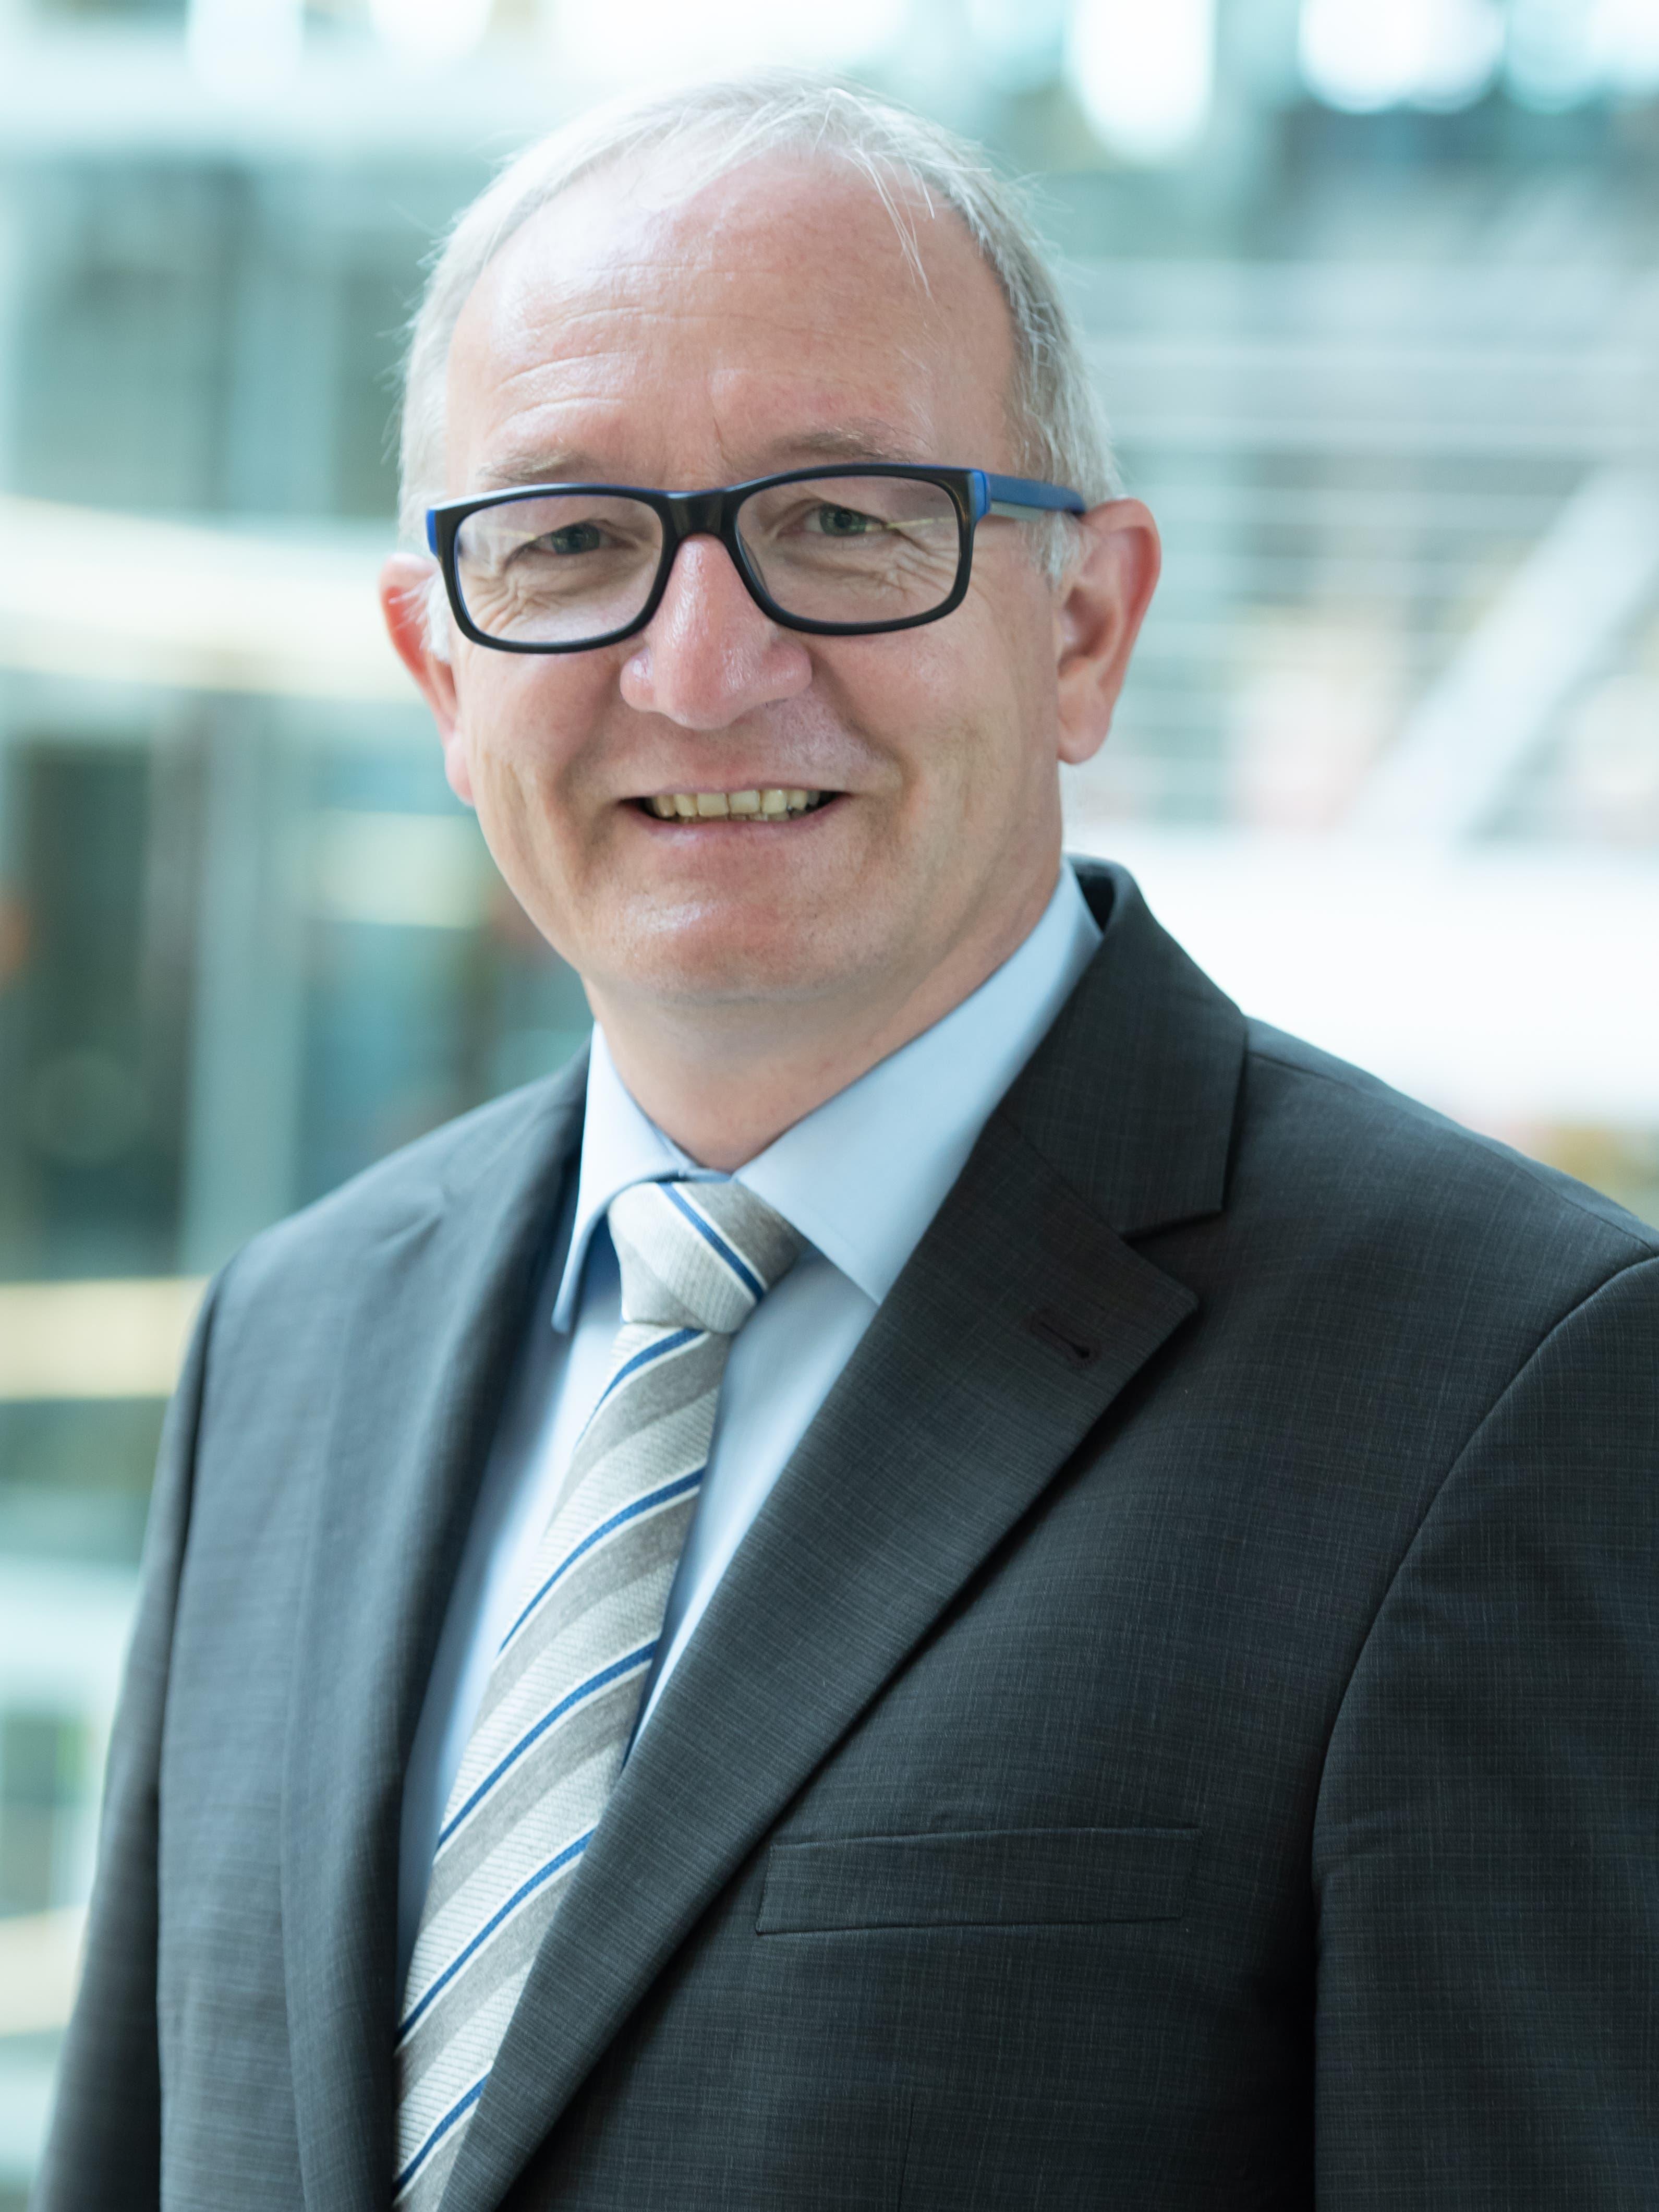 Gewählt: Markus Kronenberg, CVP (bisher)